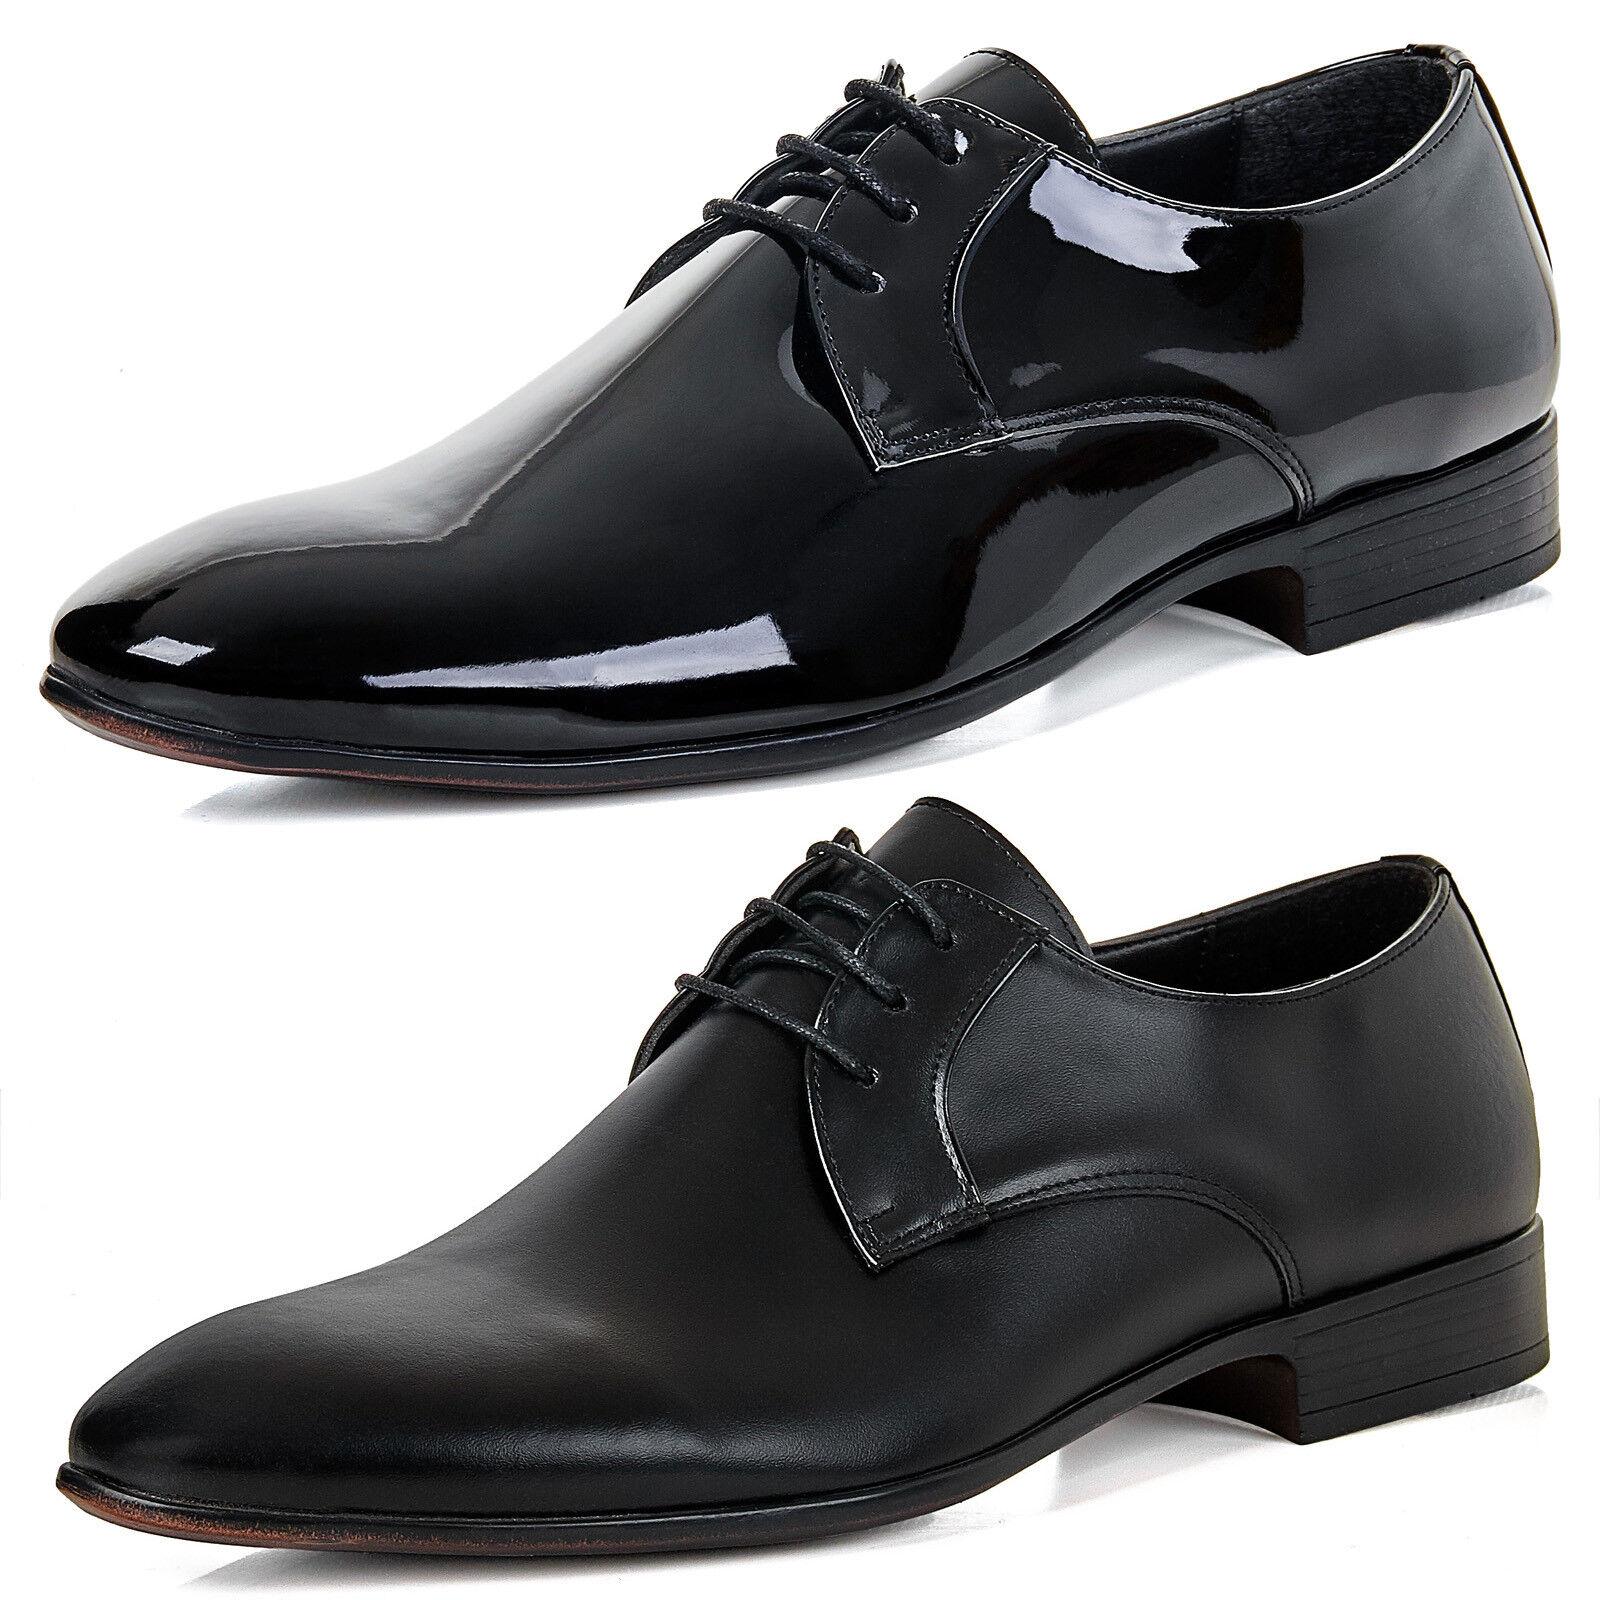 Alessandro Tonelli AT153 Herren Lack Schuhe Smoking Business Hochzeitsschuhe